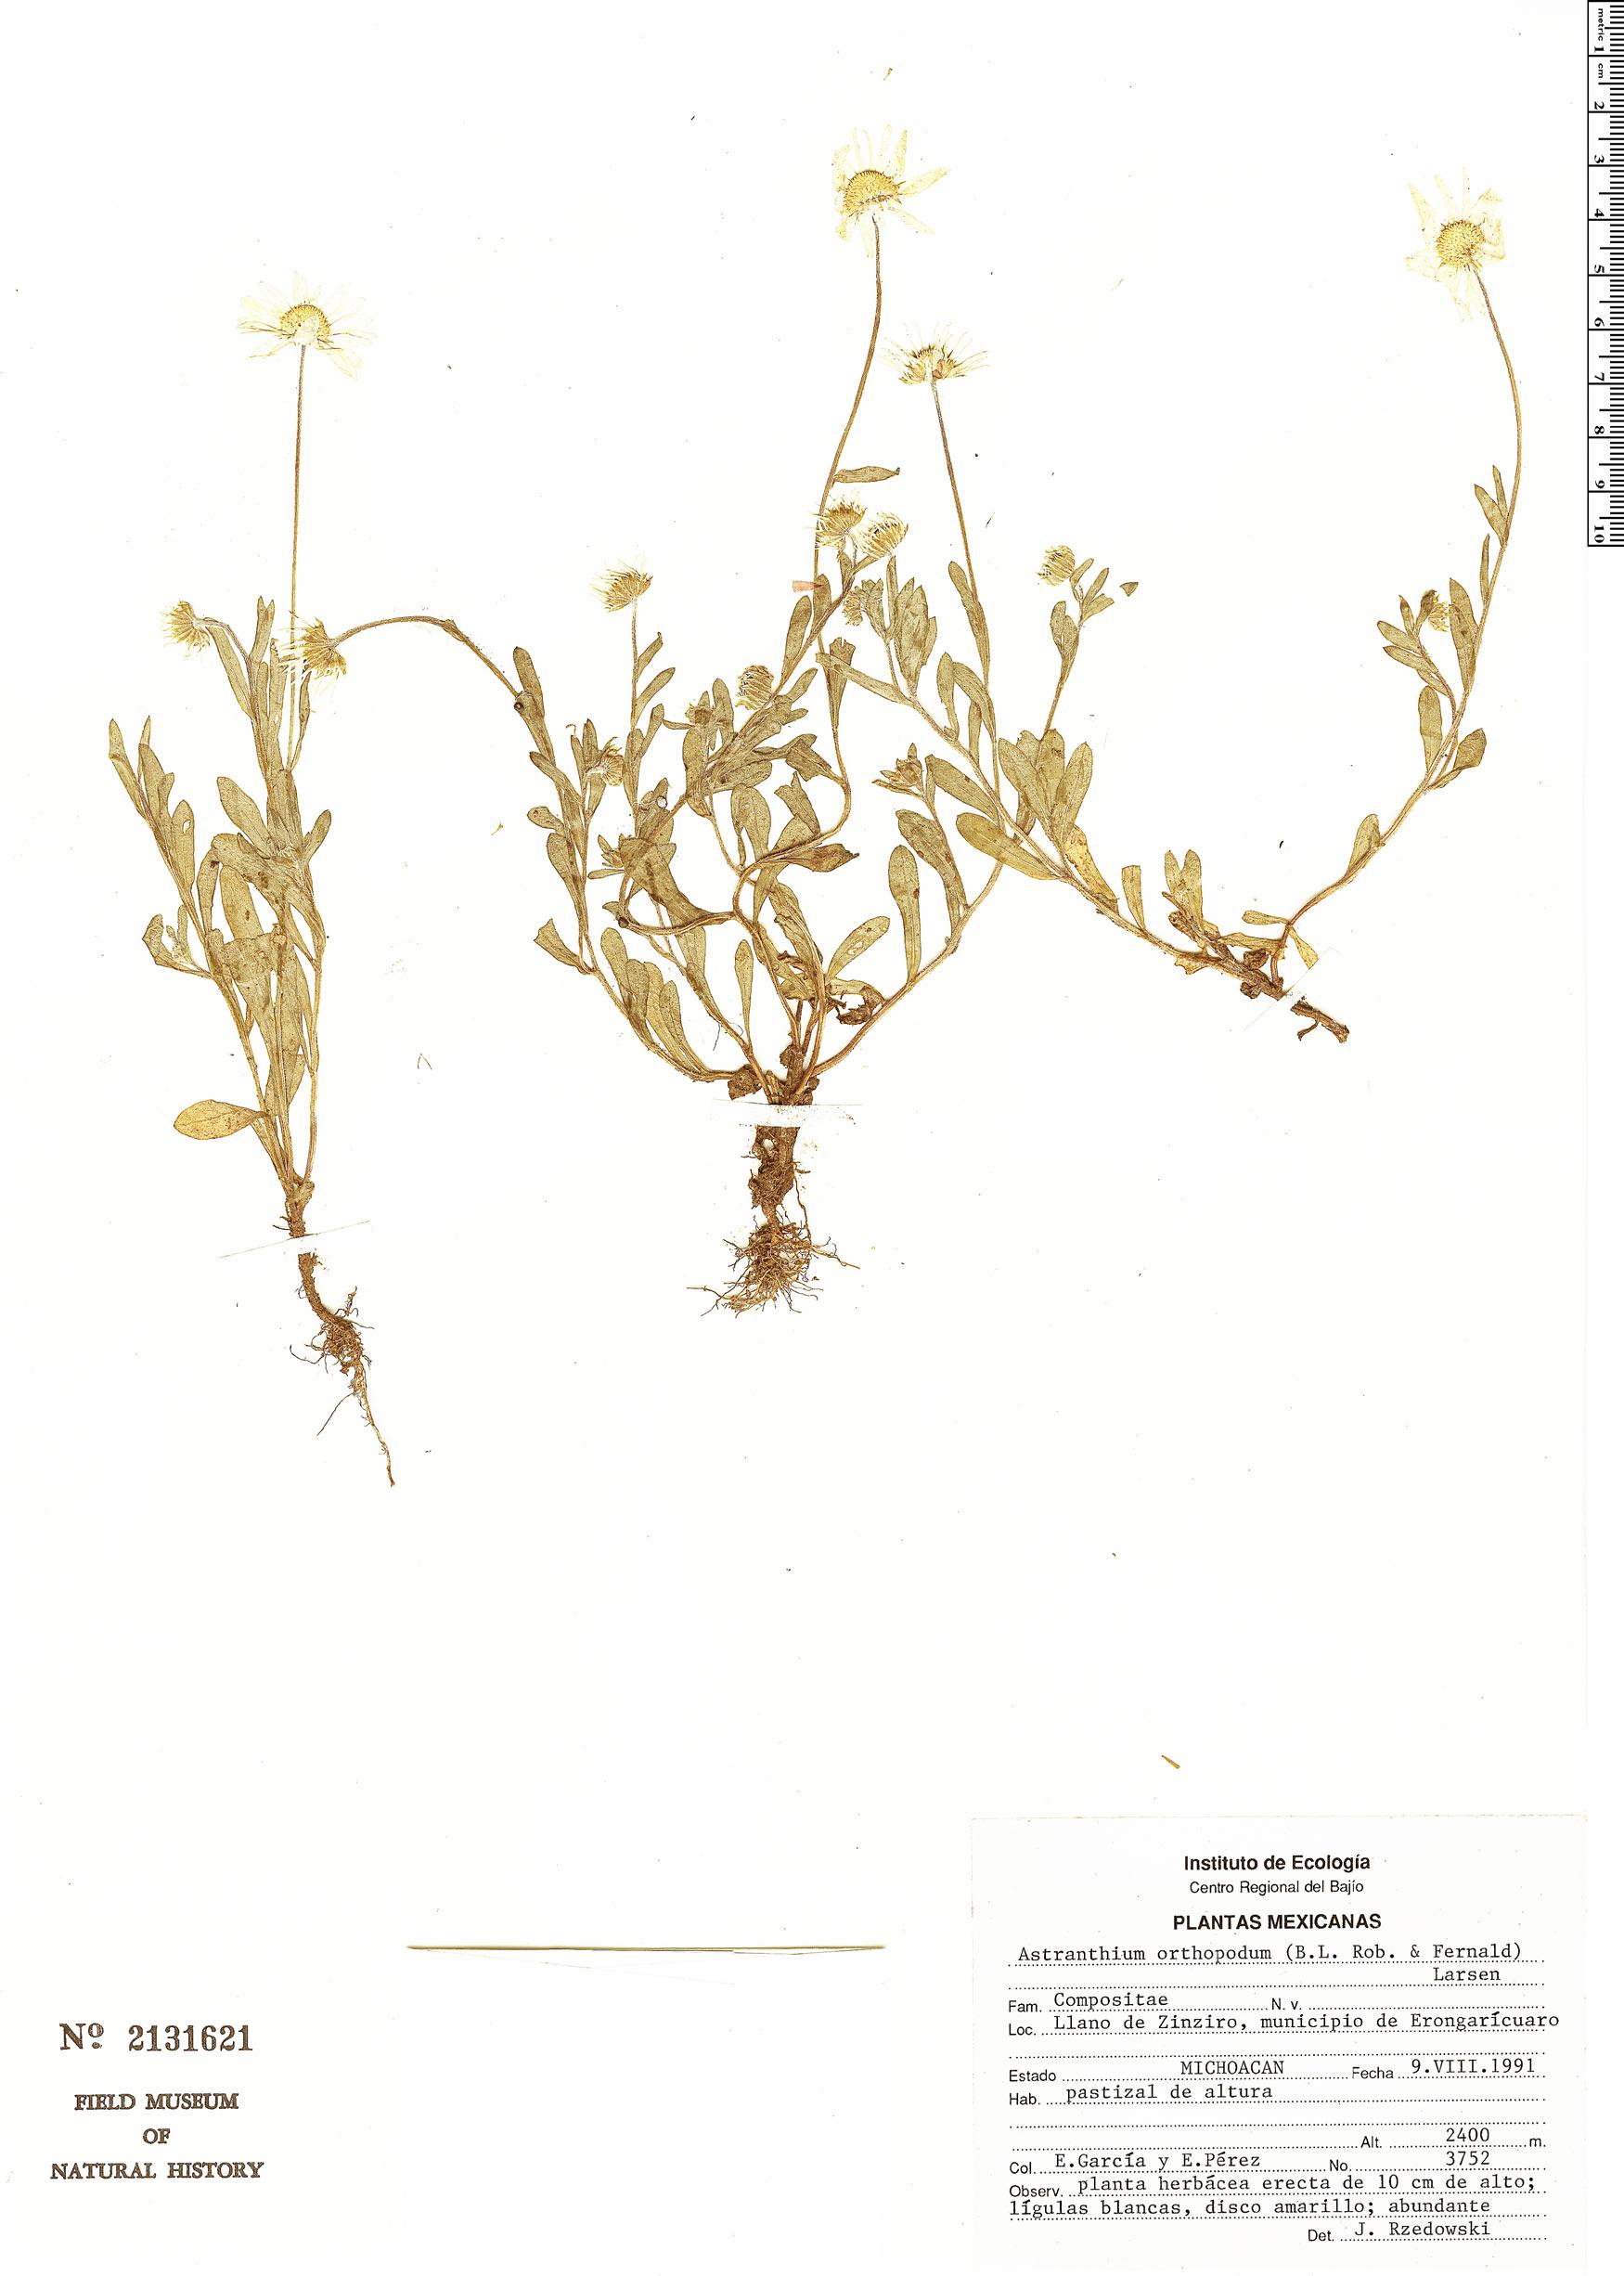 Astranthium orthopodum image